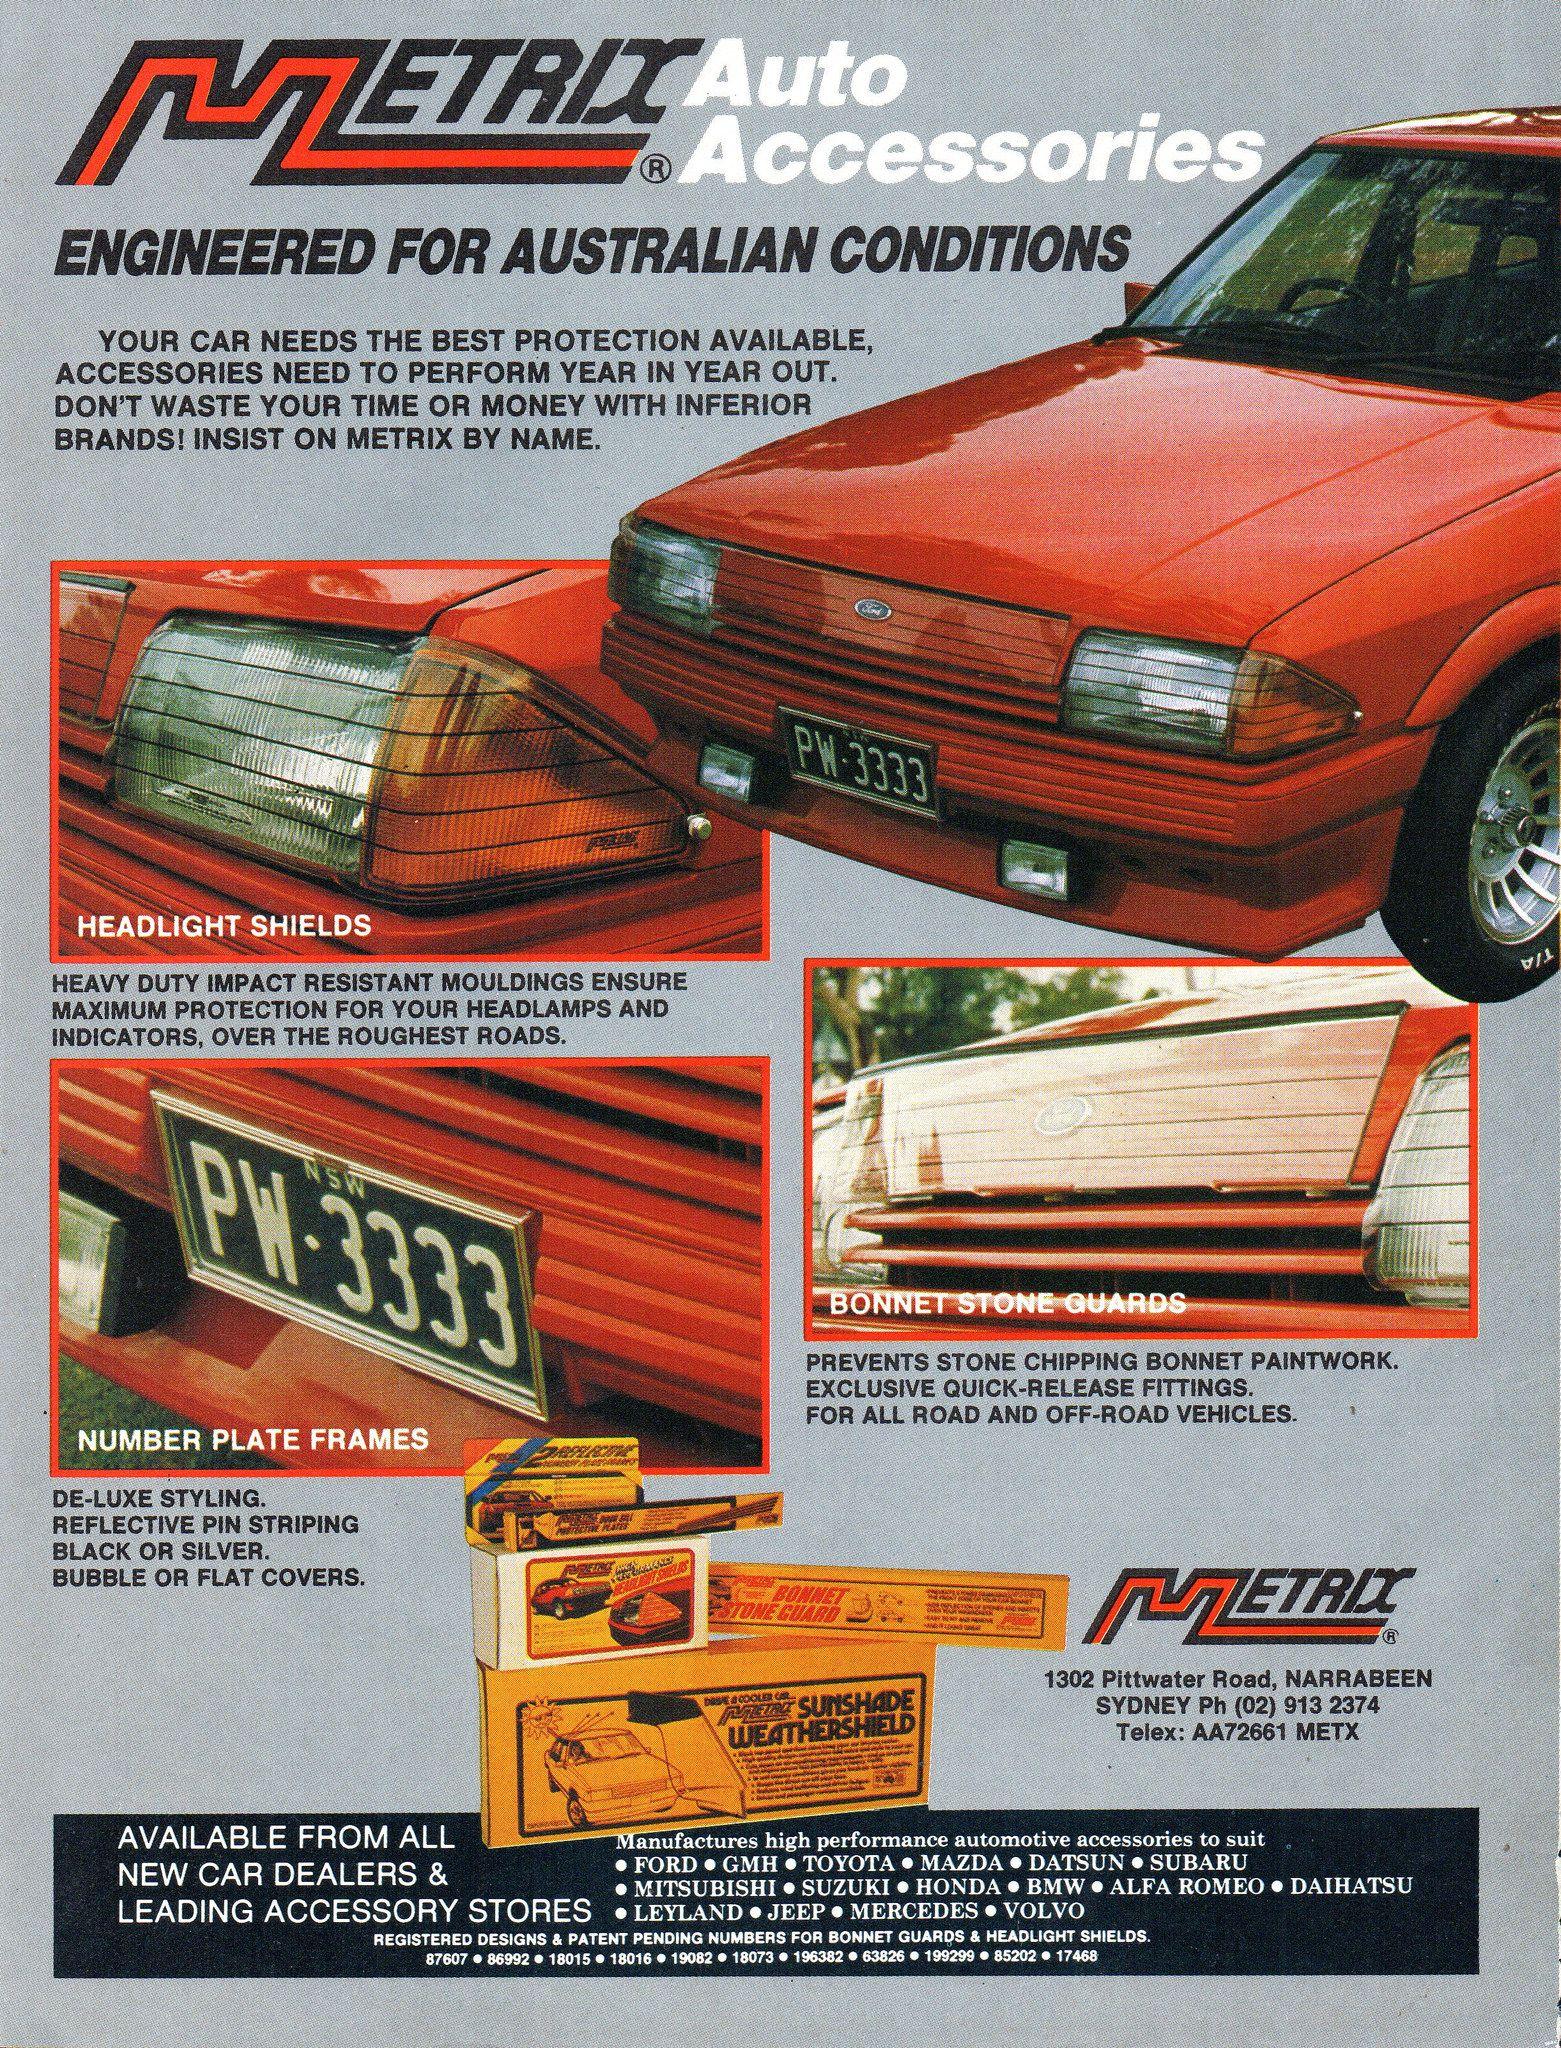 1985 Metrix Auto Accessories Xe Ford Falcon Headlight Bonnet